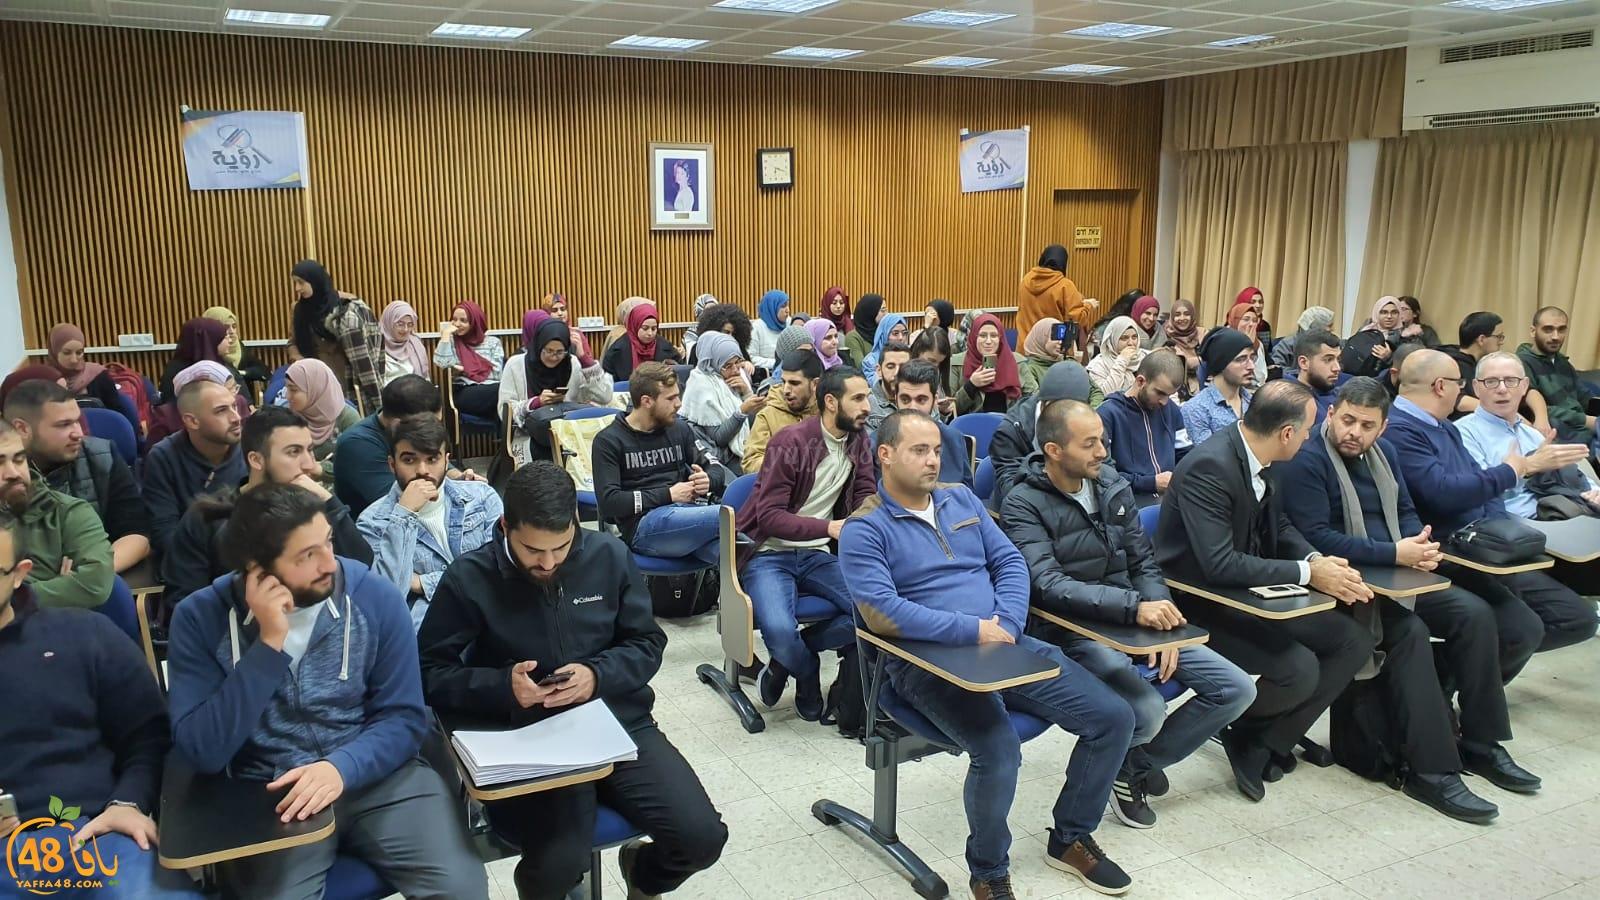 كتلة رؤية الطلابية تفتتح المصلى في جامعة تل ابيب